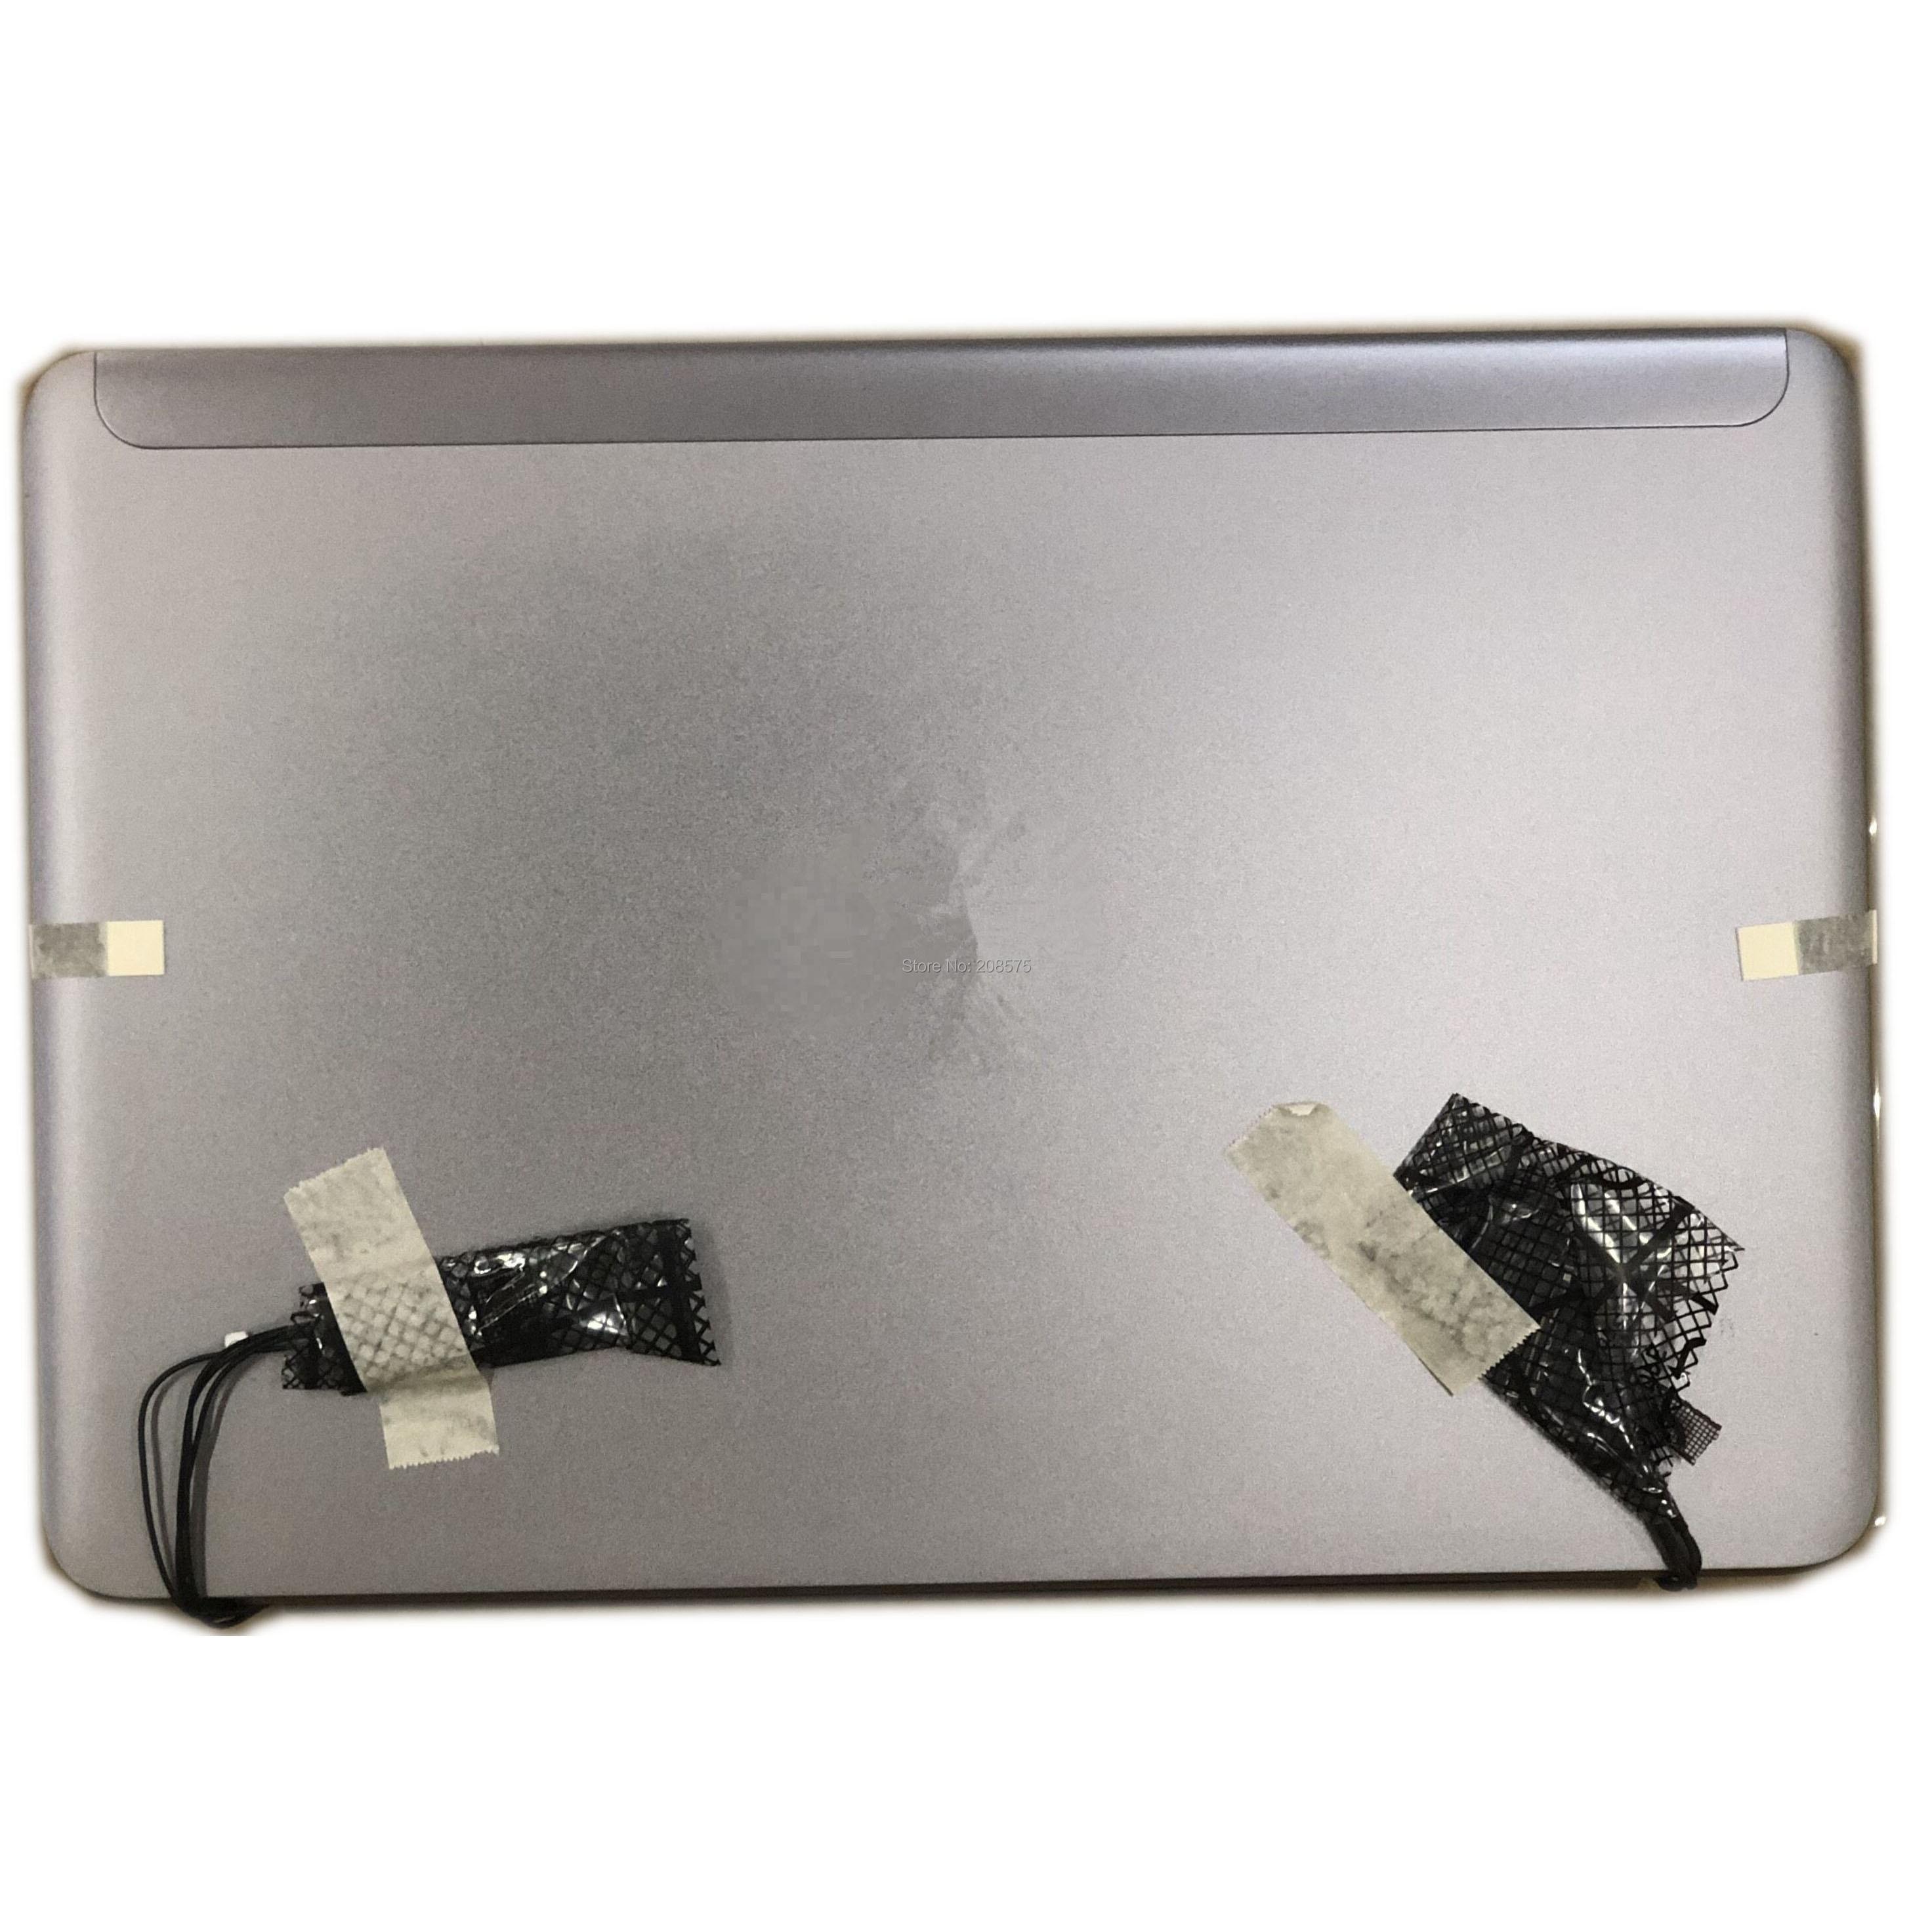 14,0 'ЖК светодиодный экран в сборе Полный стеклянный чехол верхняя половина части веб камера и Петли для HP EliteBook Folio 1040 G1 G2